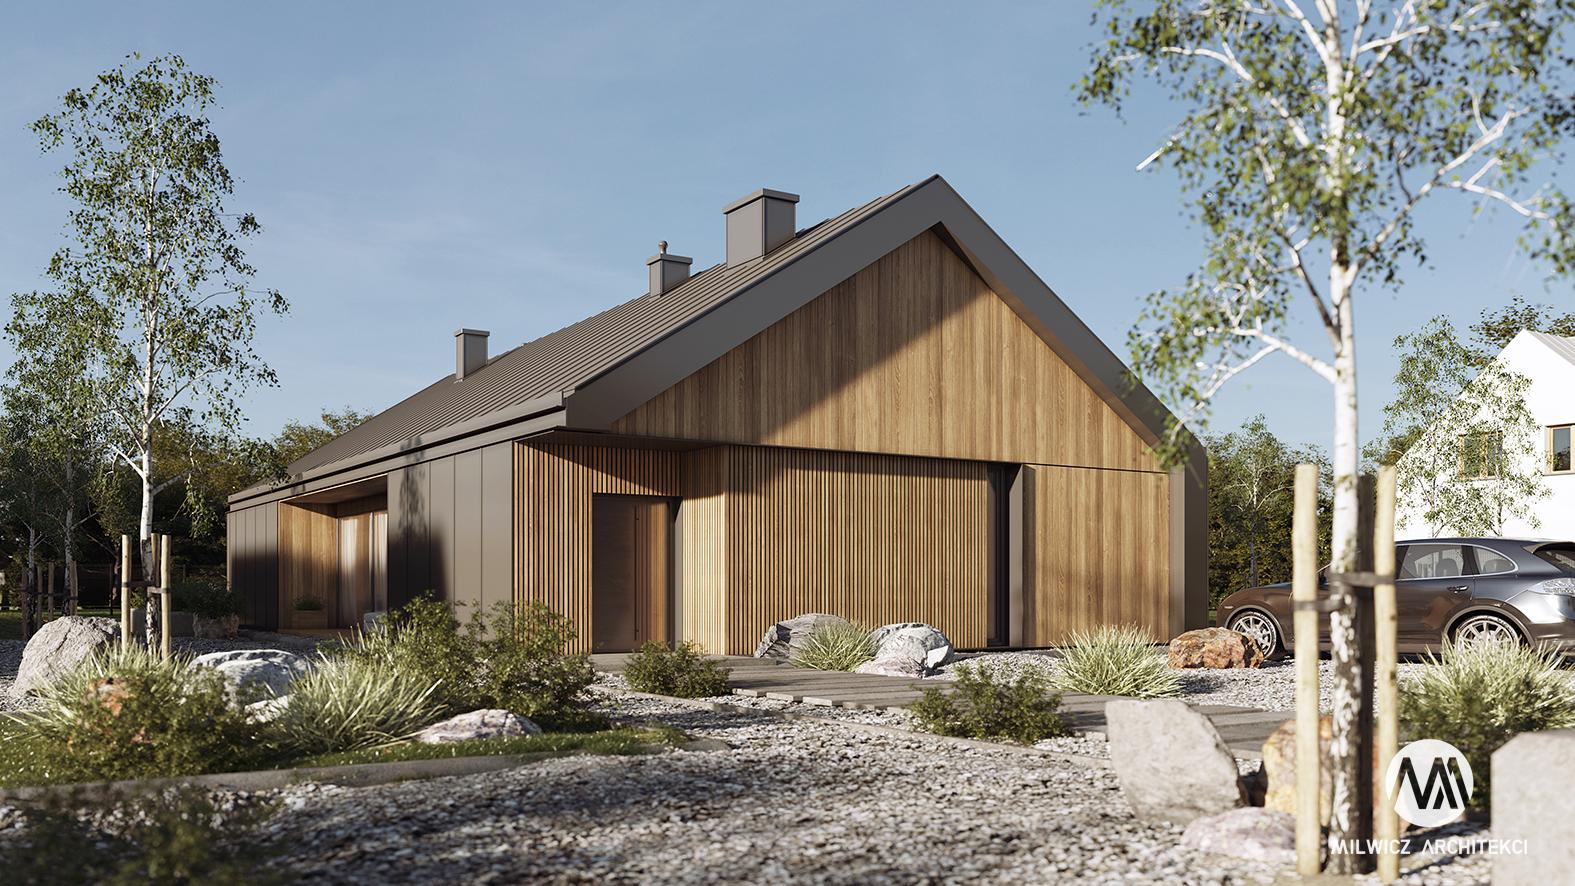 projekt D125v2, projekt gotowy, nowoczesna stodoła, elewacja drewniana